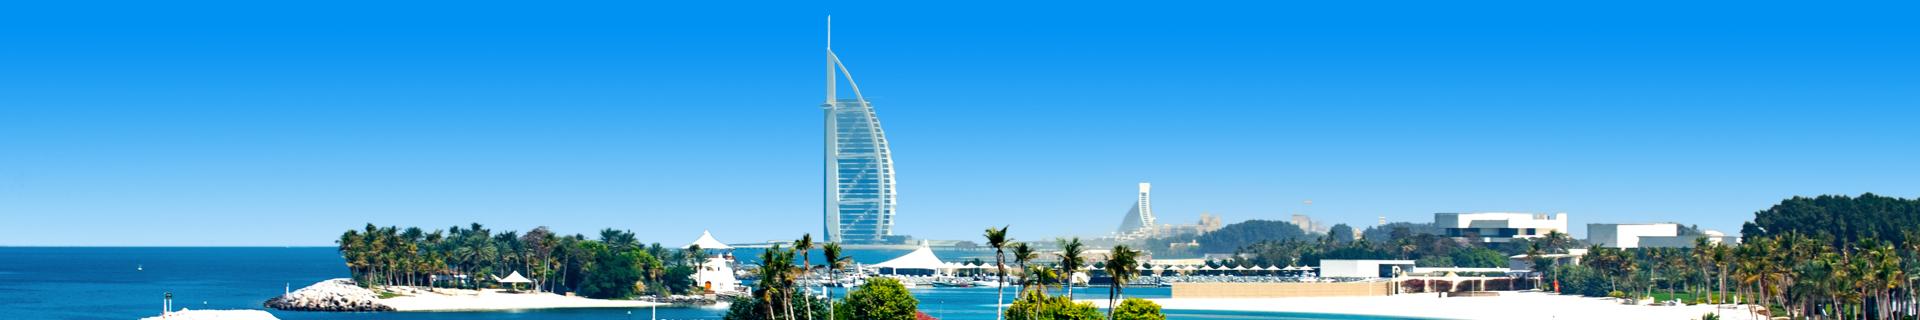 Uitzicht op het hoogste hotel in Dubai in de Verenigde Arabische Emiraten